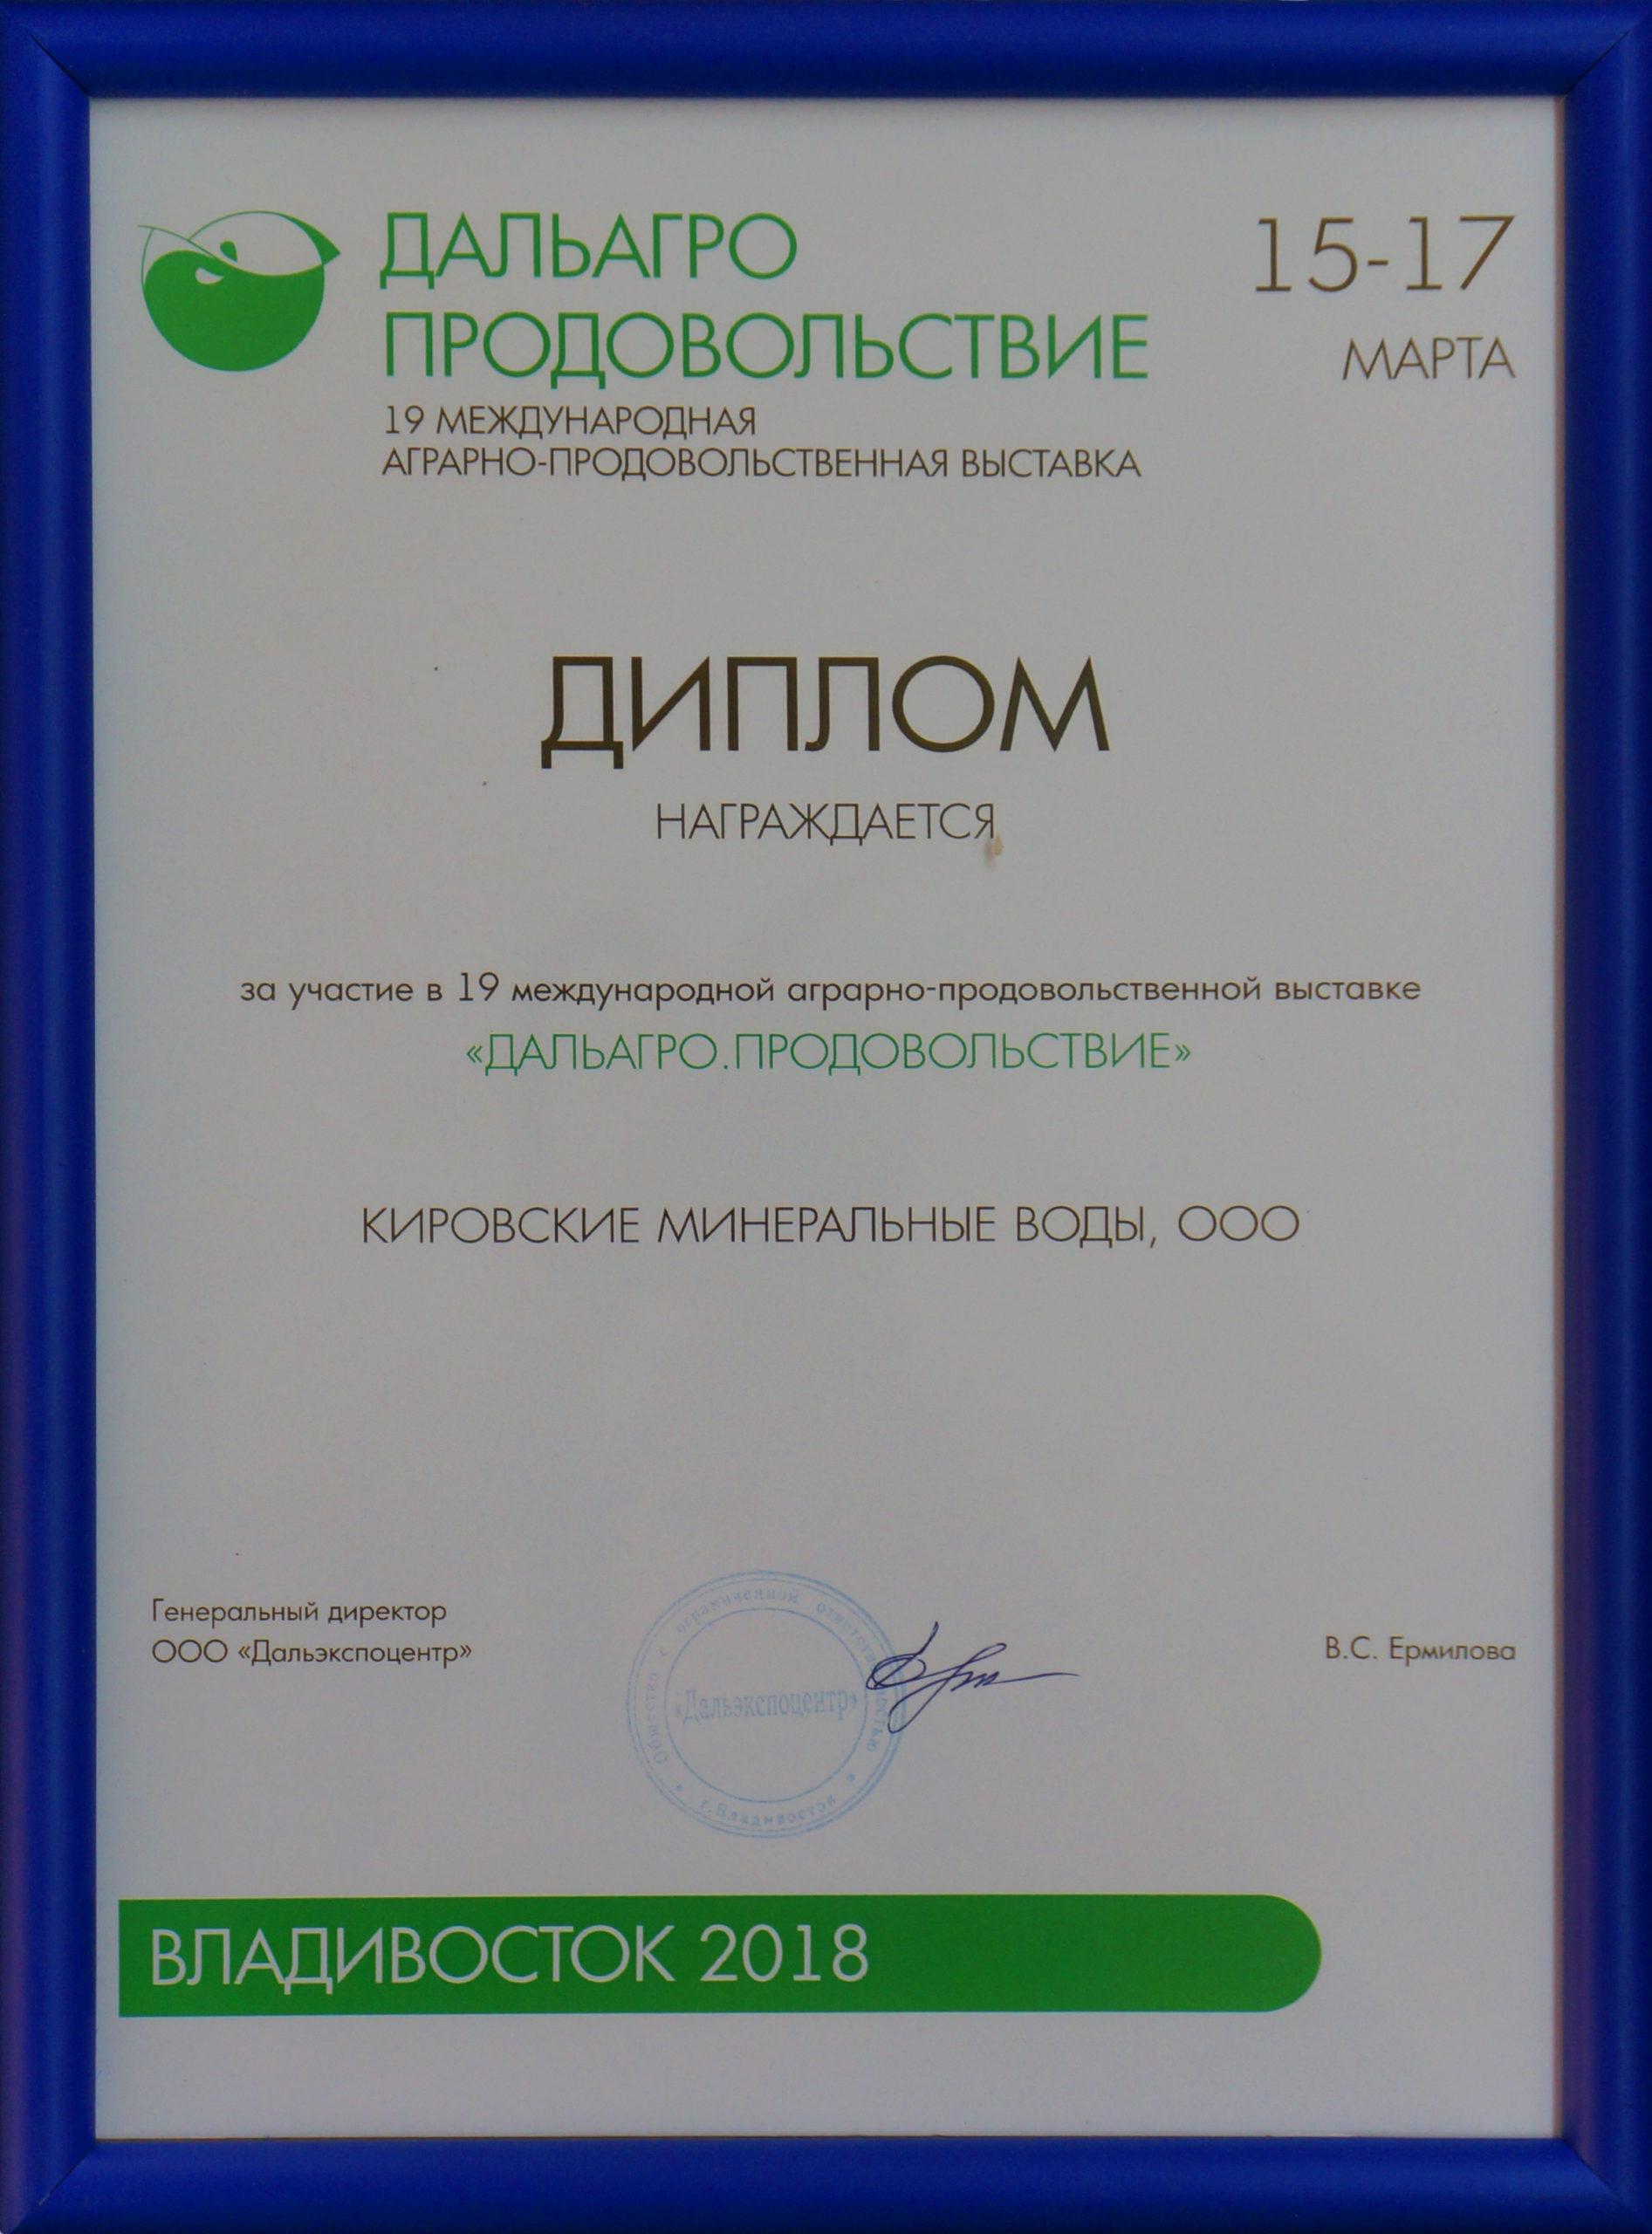 """什马科夫弗斯卡亚被授予""""远东农业。食物""""(2018年)展览的参展者奖状"""